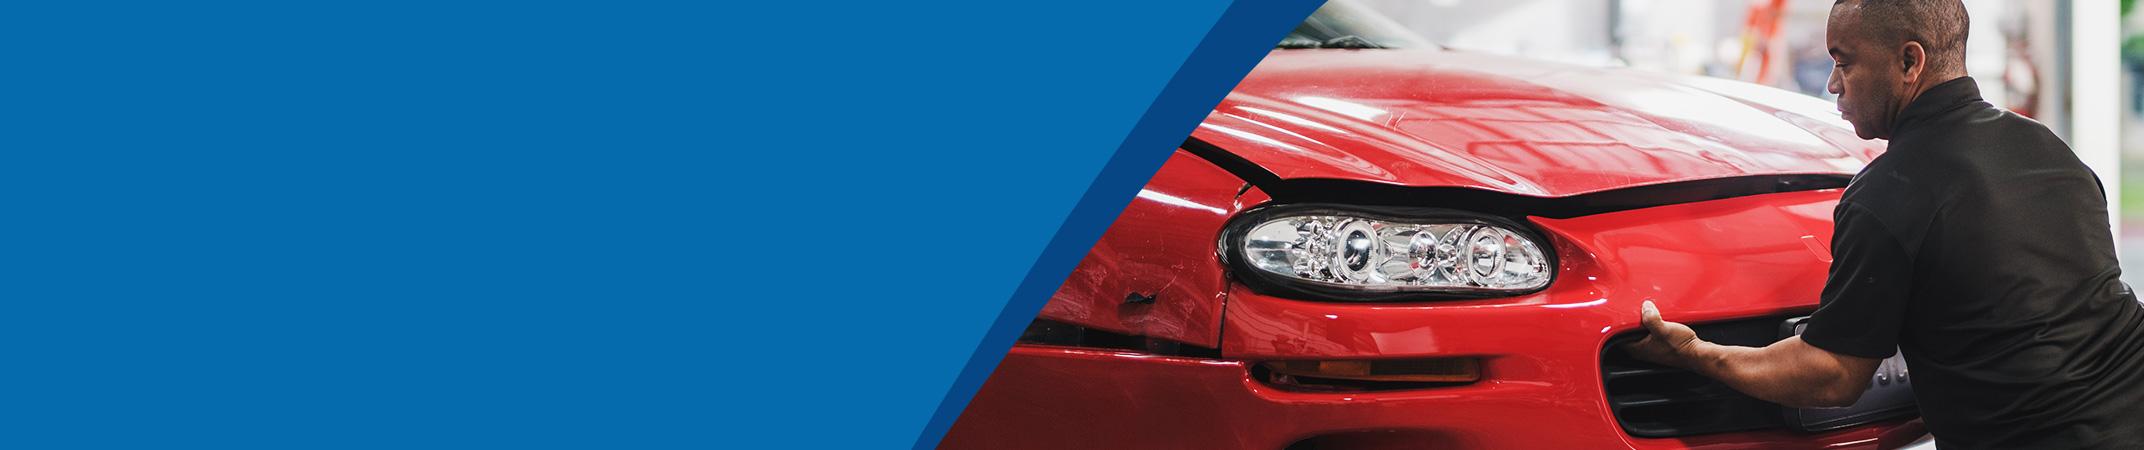 Bumper Repair starting at $199 at Maaco!